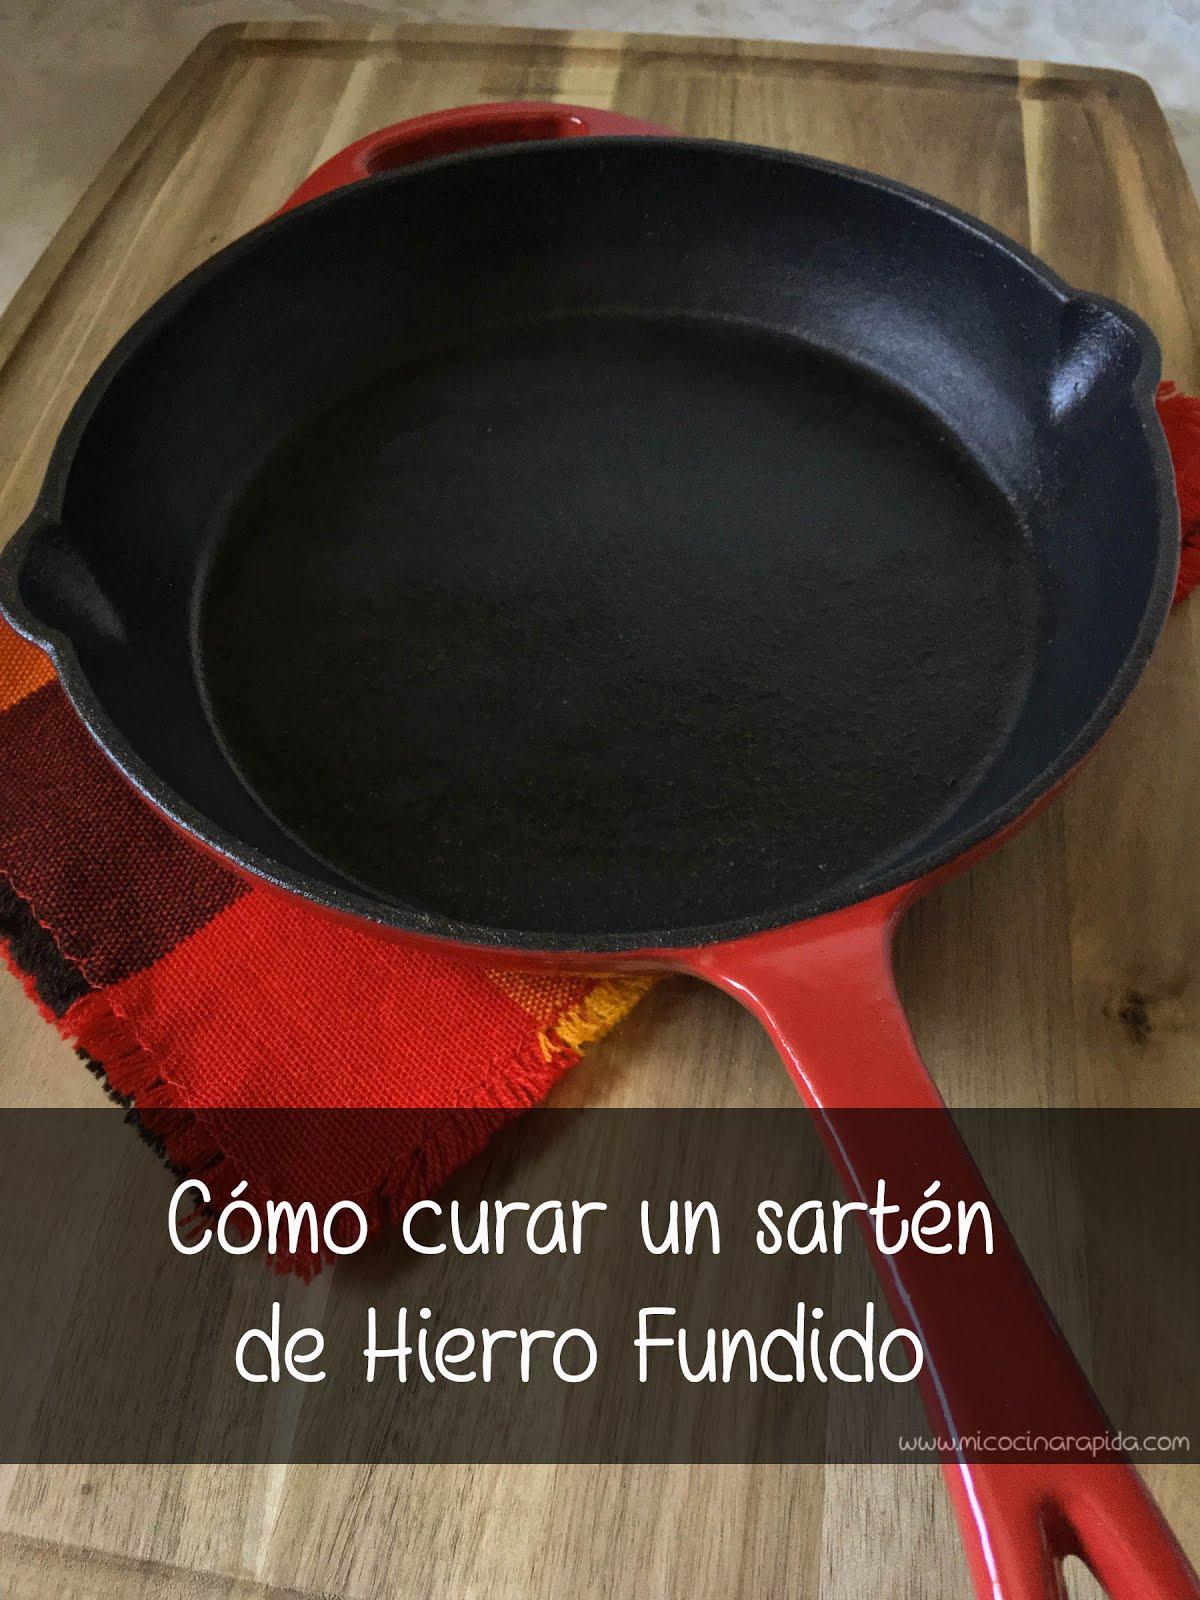 C mo curar un sart n de hierro fundido mi cocina r pida - Sartenes hierro fundido ...